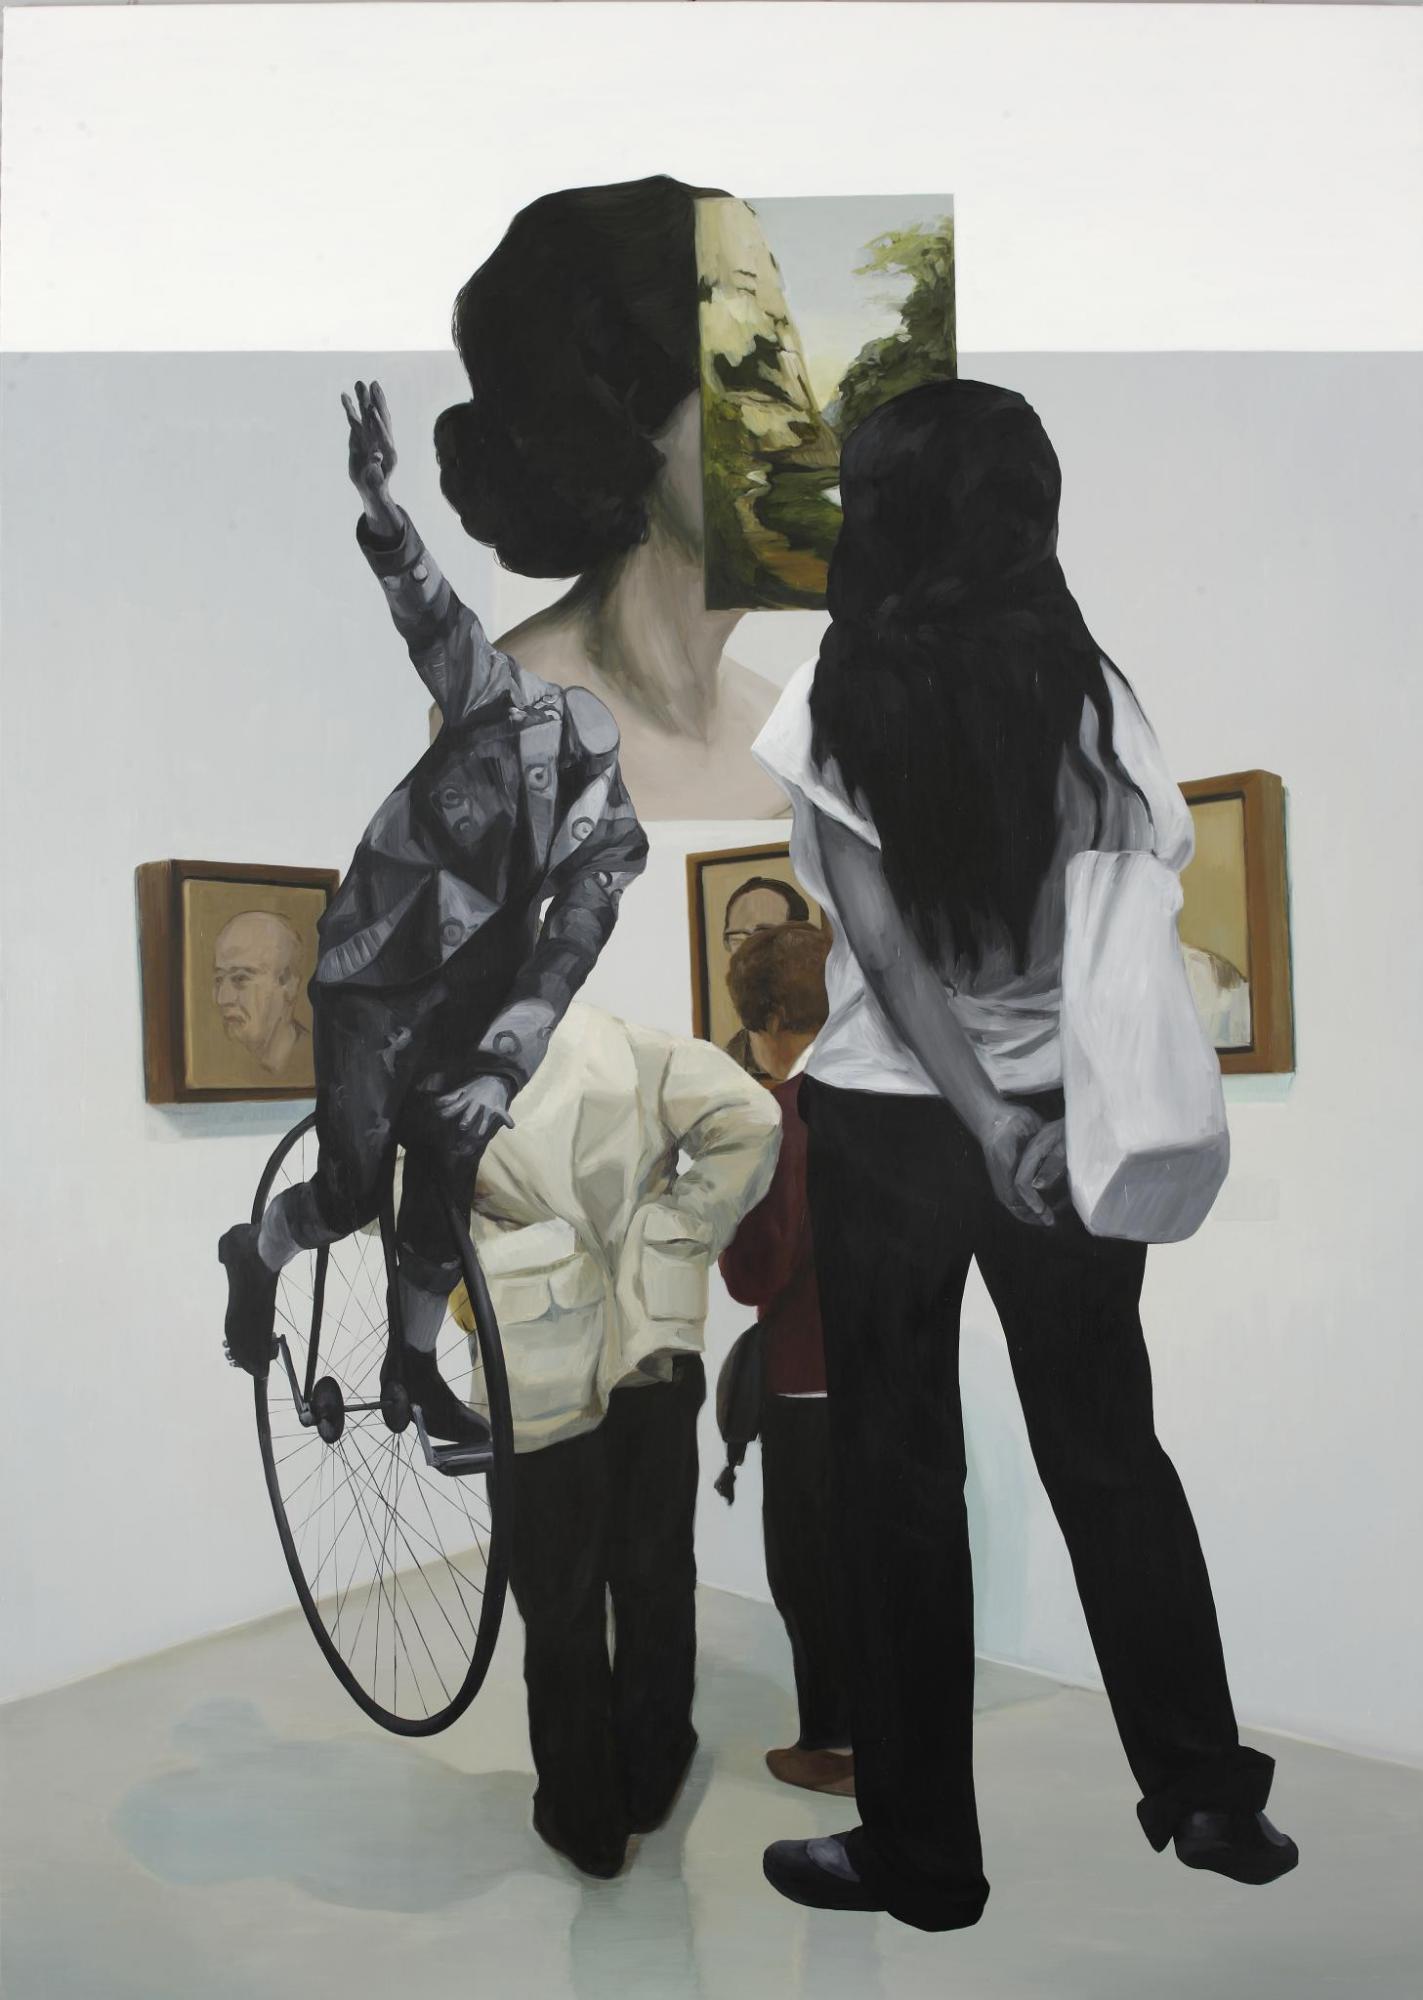 ARCO sigue apostando por el arte latinoamericano